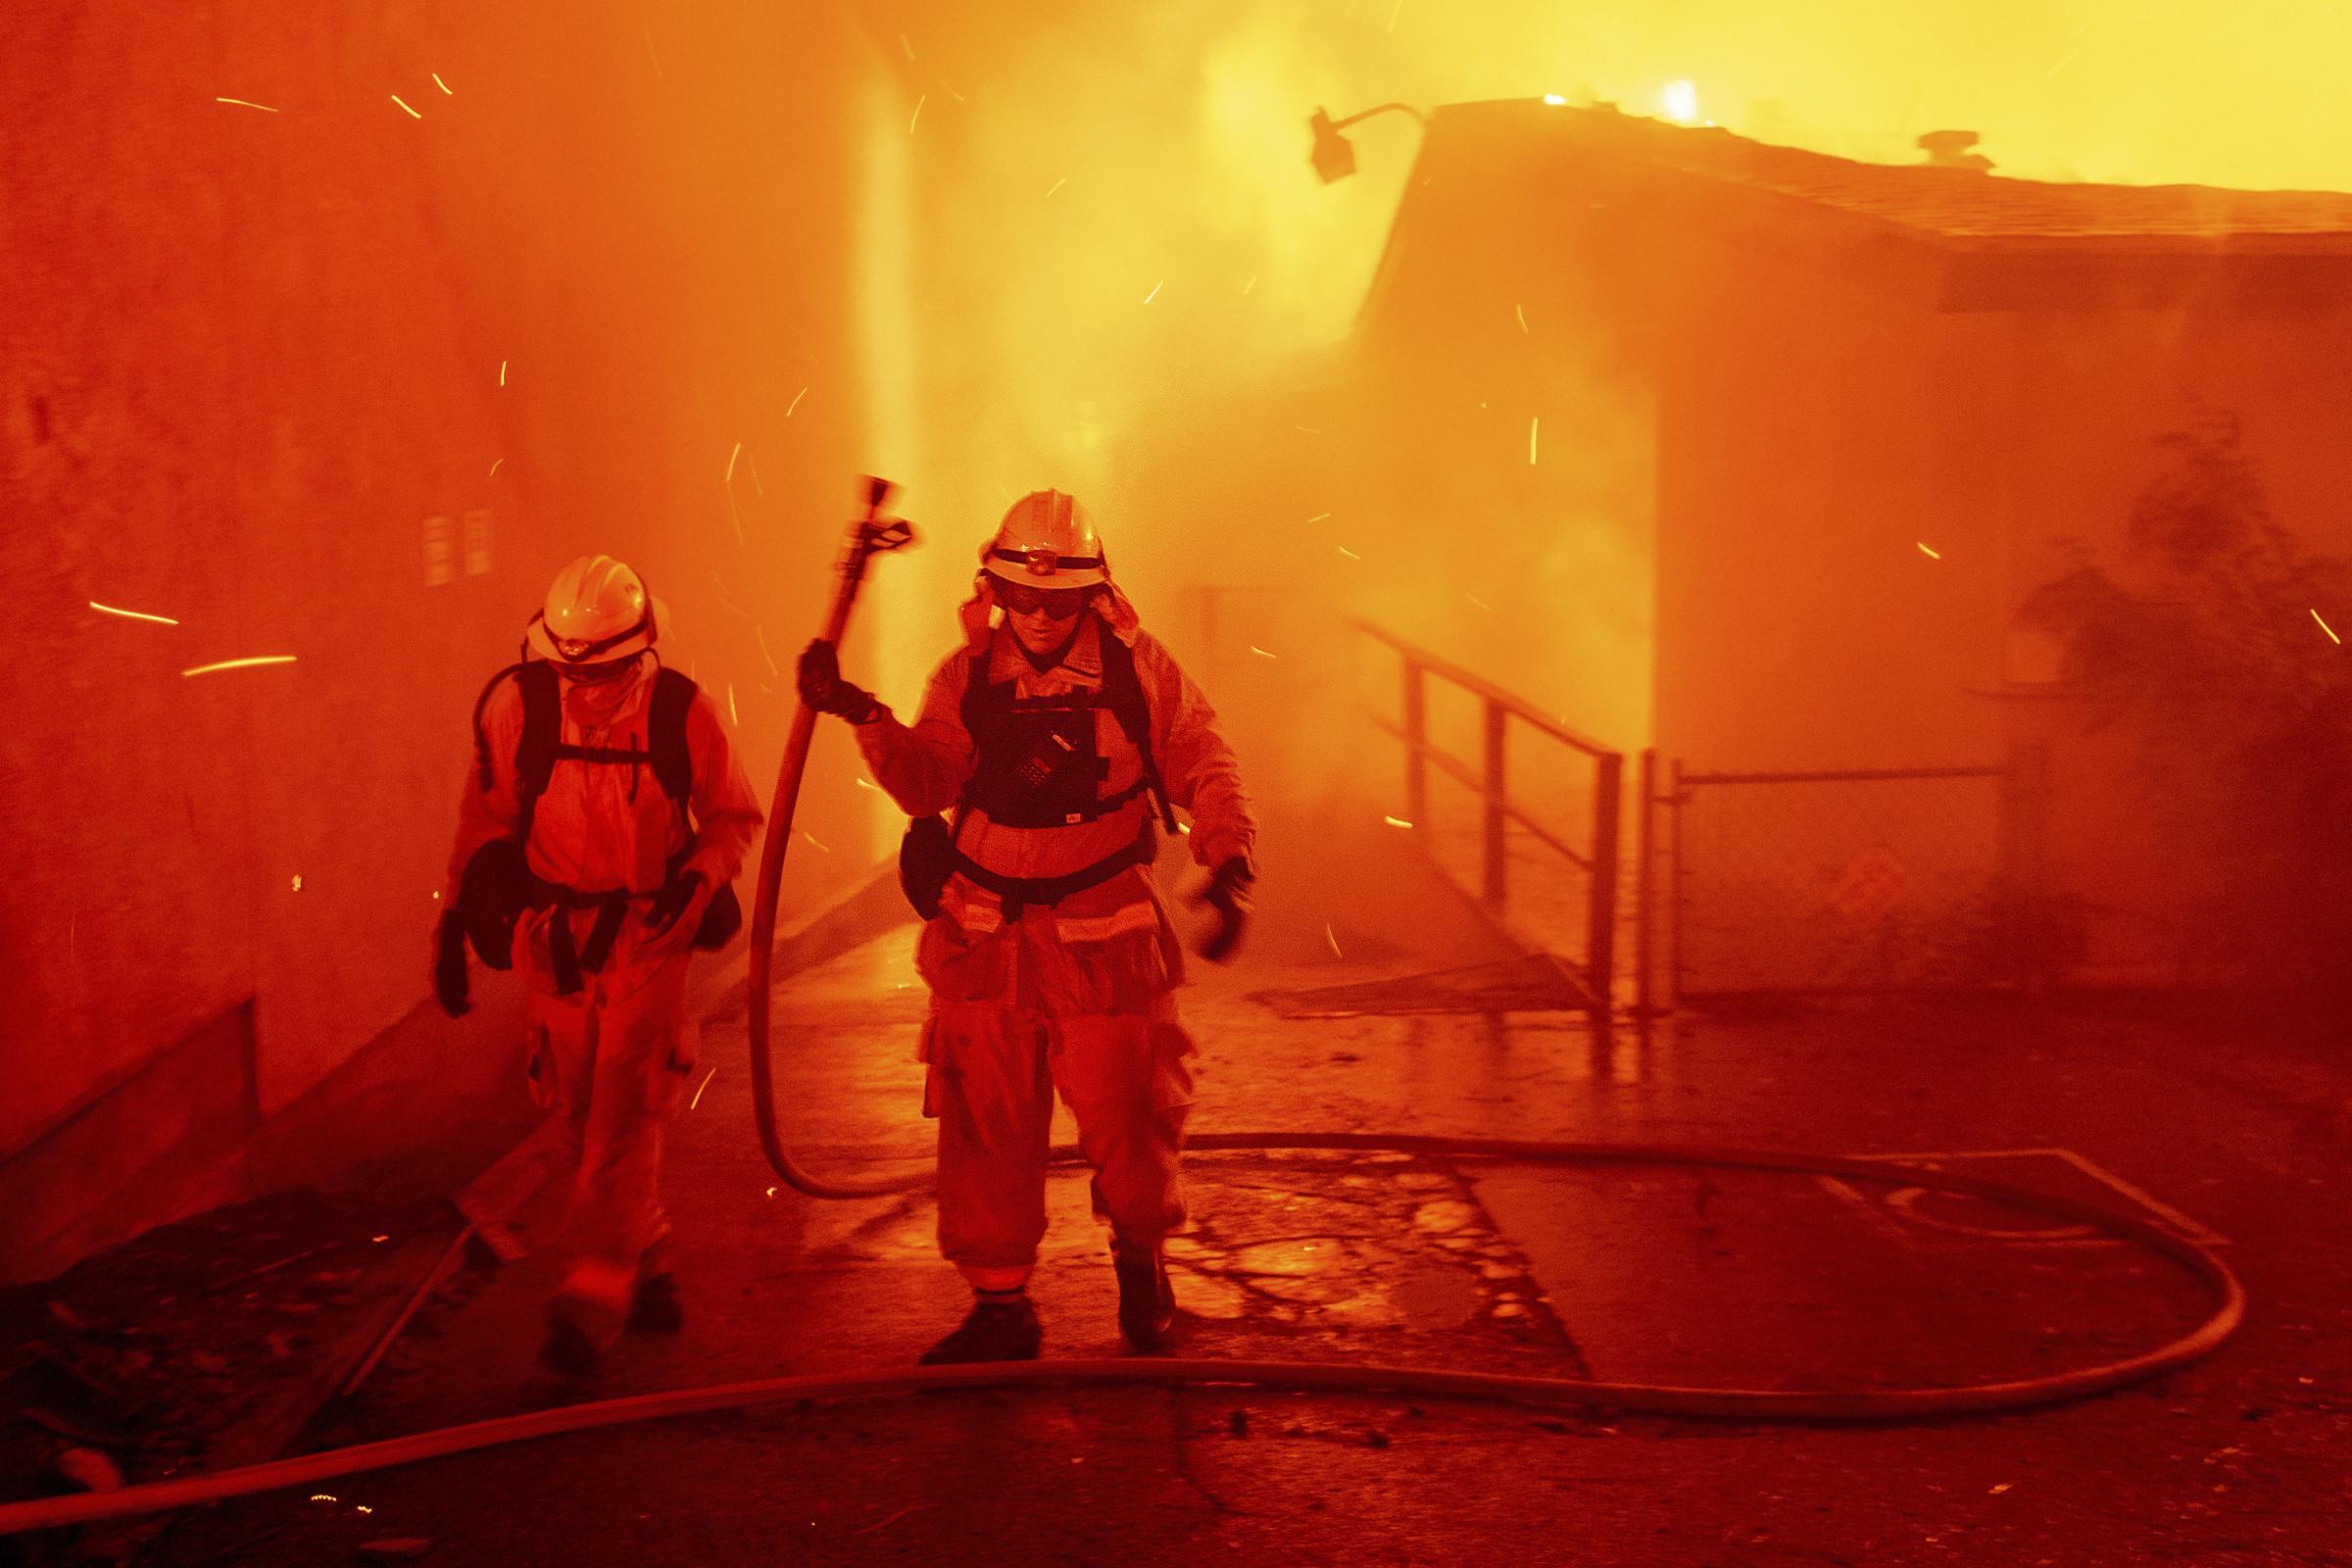 火灾至少有九人死于加利福尼亚州北部城镇